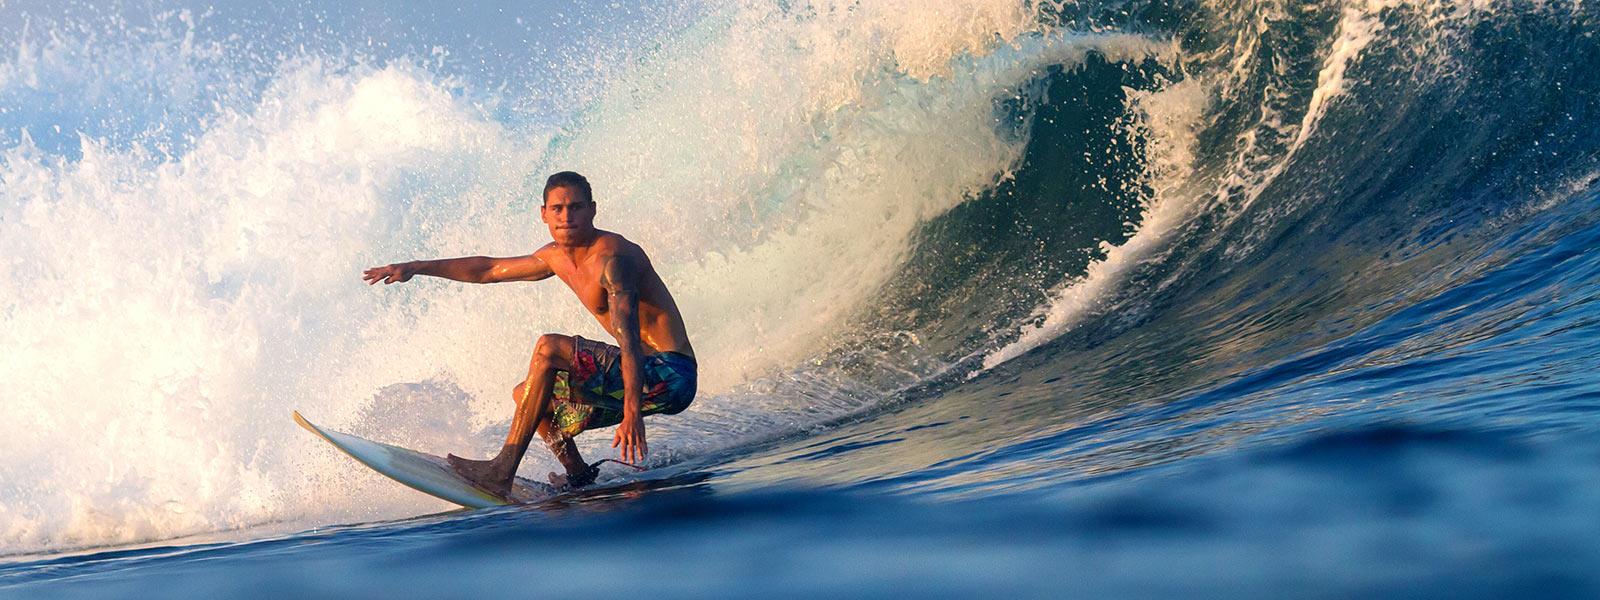 Surfing Maldives Watersports